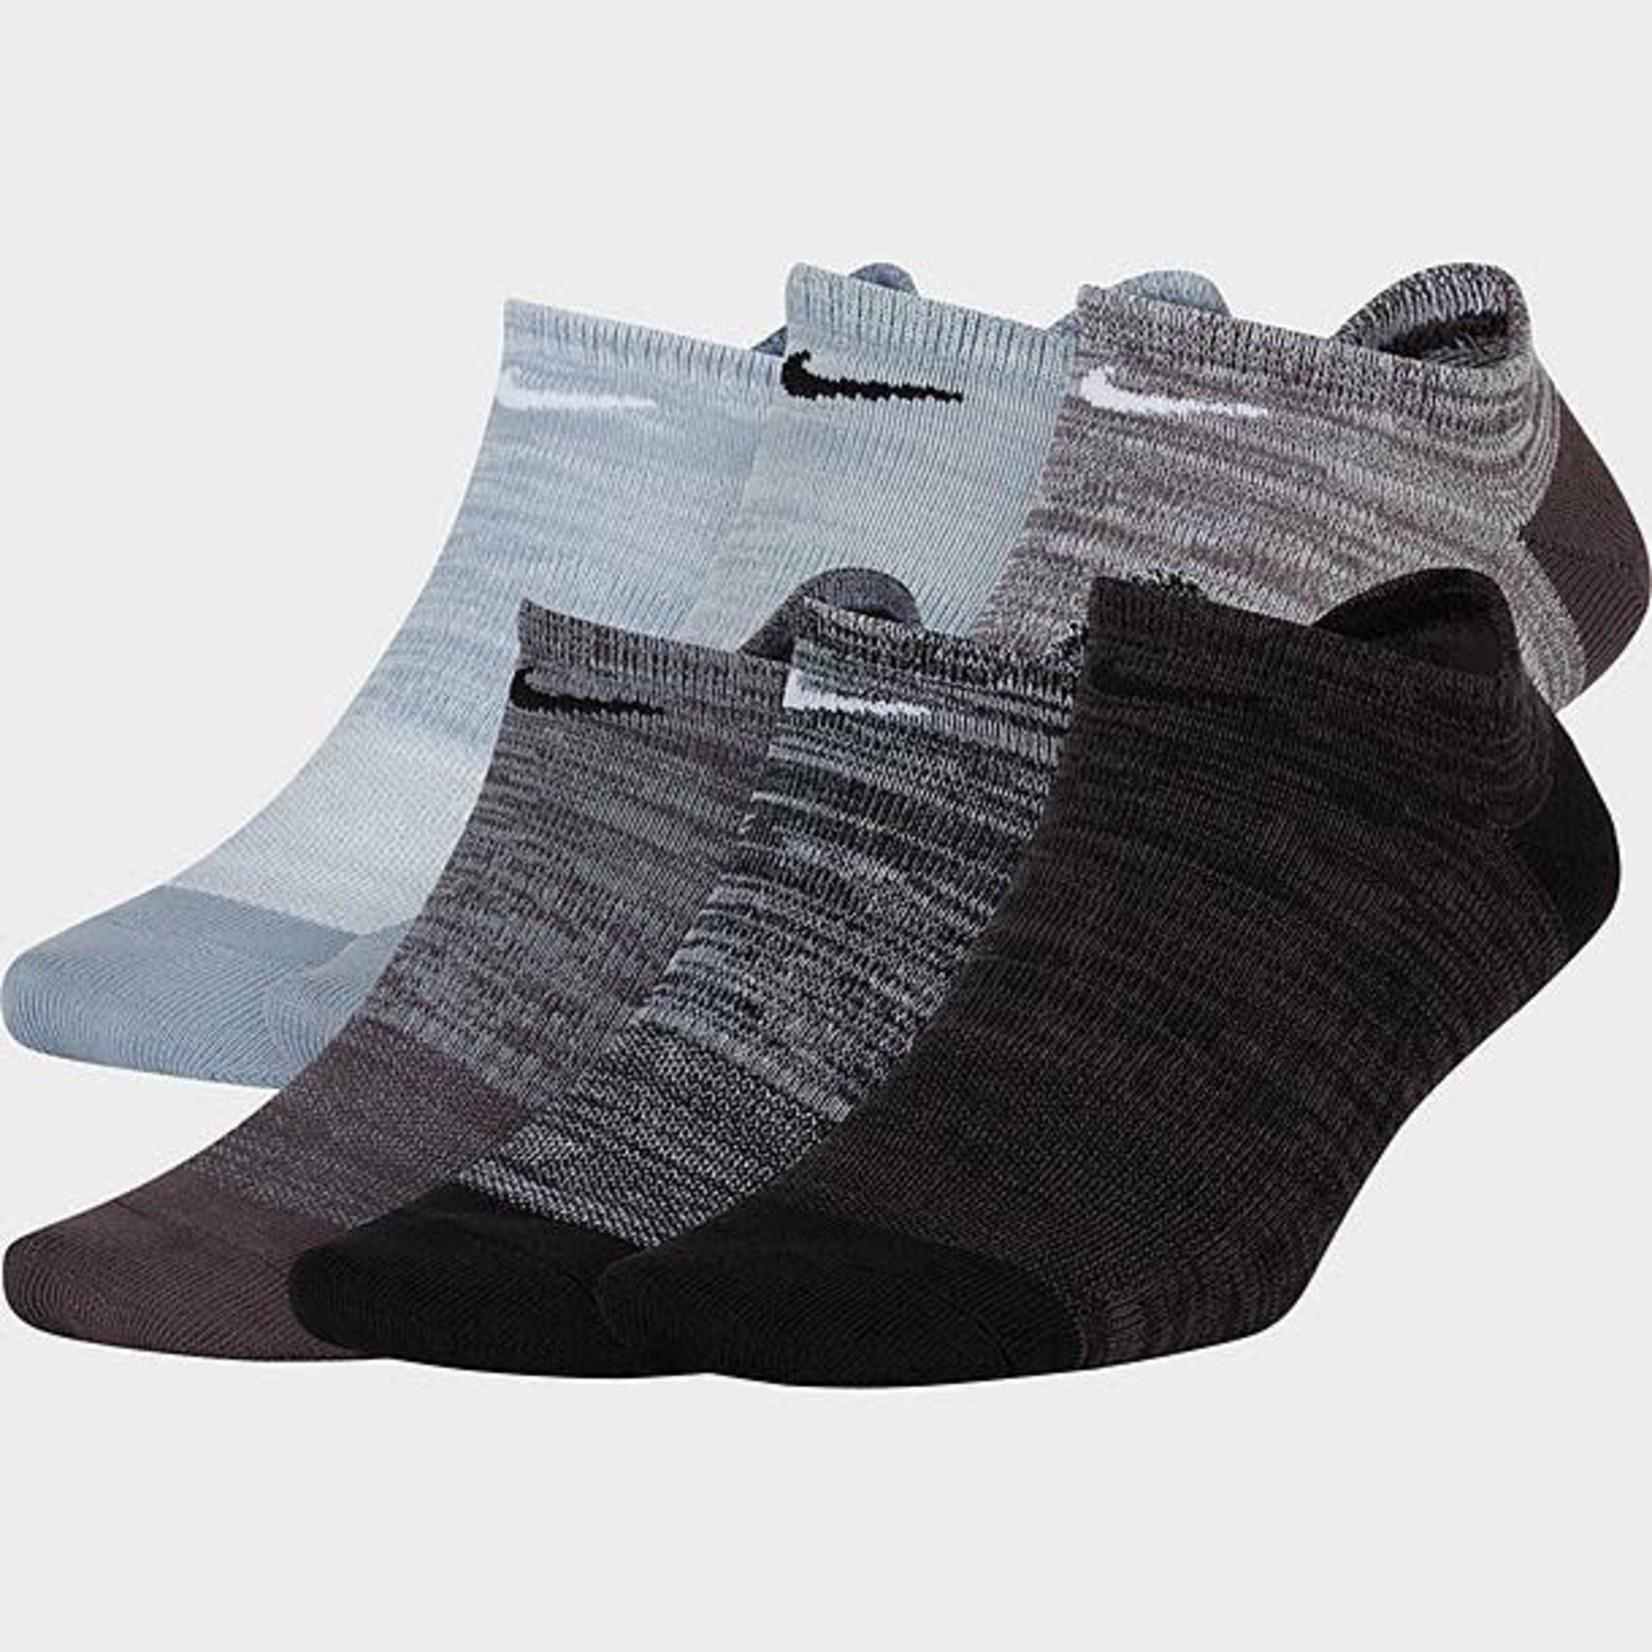 Nike Nike Socks, Everyday, 6-Pack